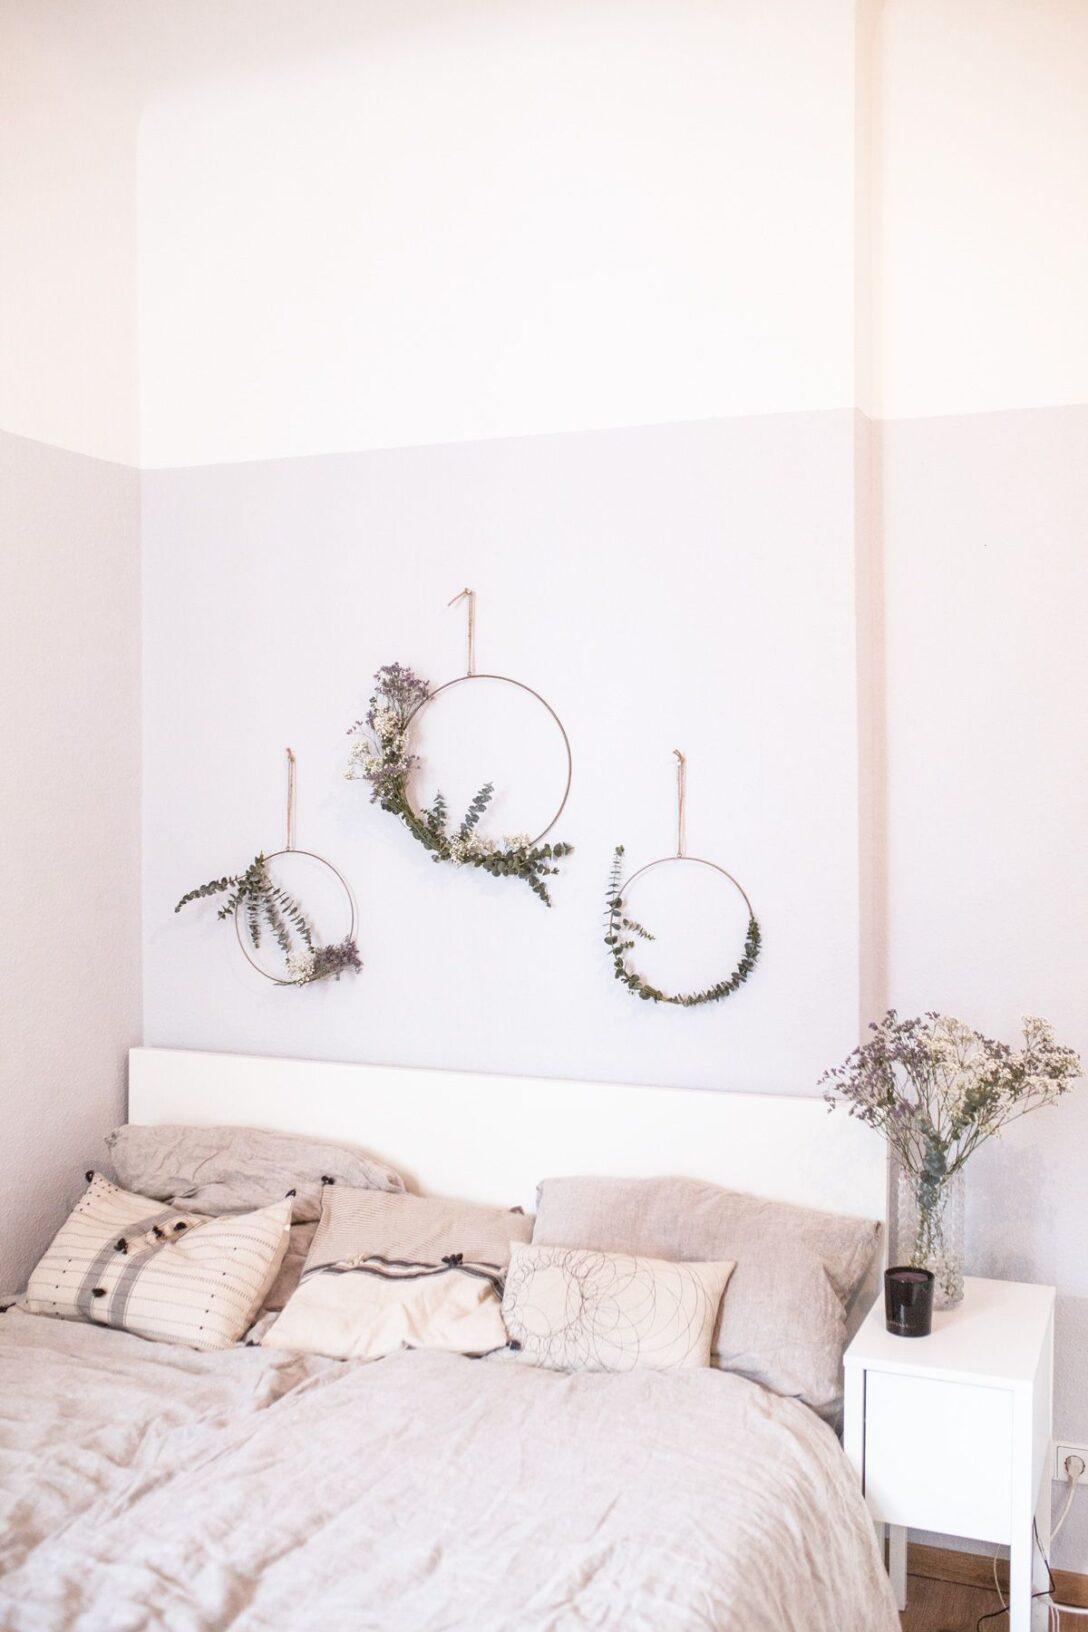 Large Size of Wanddeko Ideen Diy Eukalyptus Kranz Wohnzimmer Tapeten Küche Bad Renovieren Wohnzimmer Wanddeko Ideen